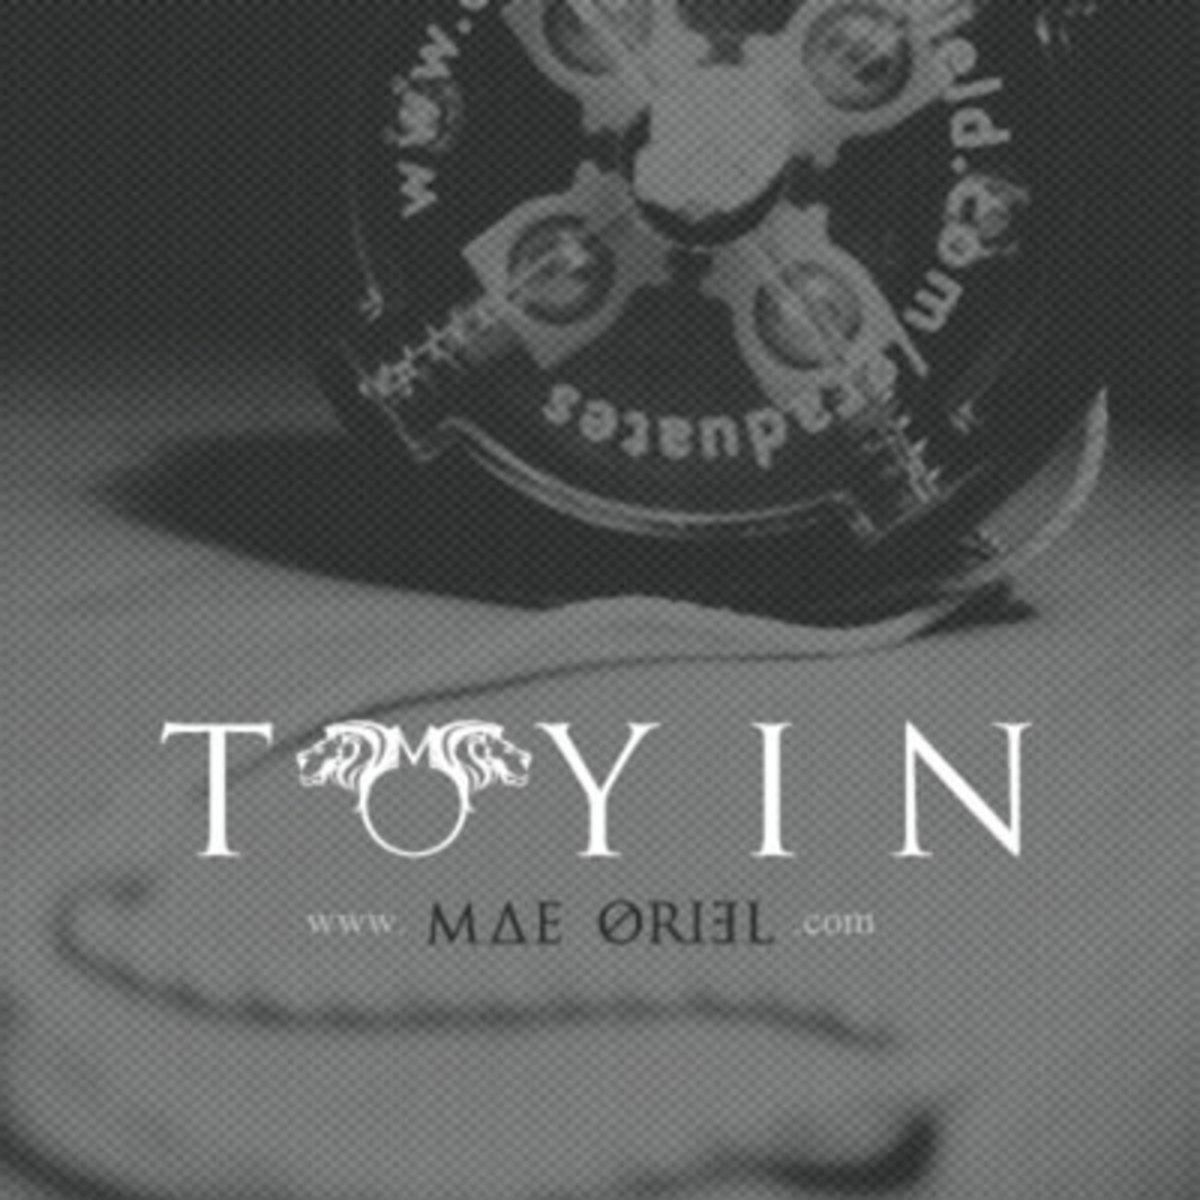 maeoriel-toyin.jpg